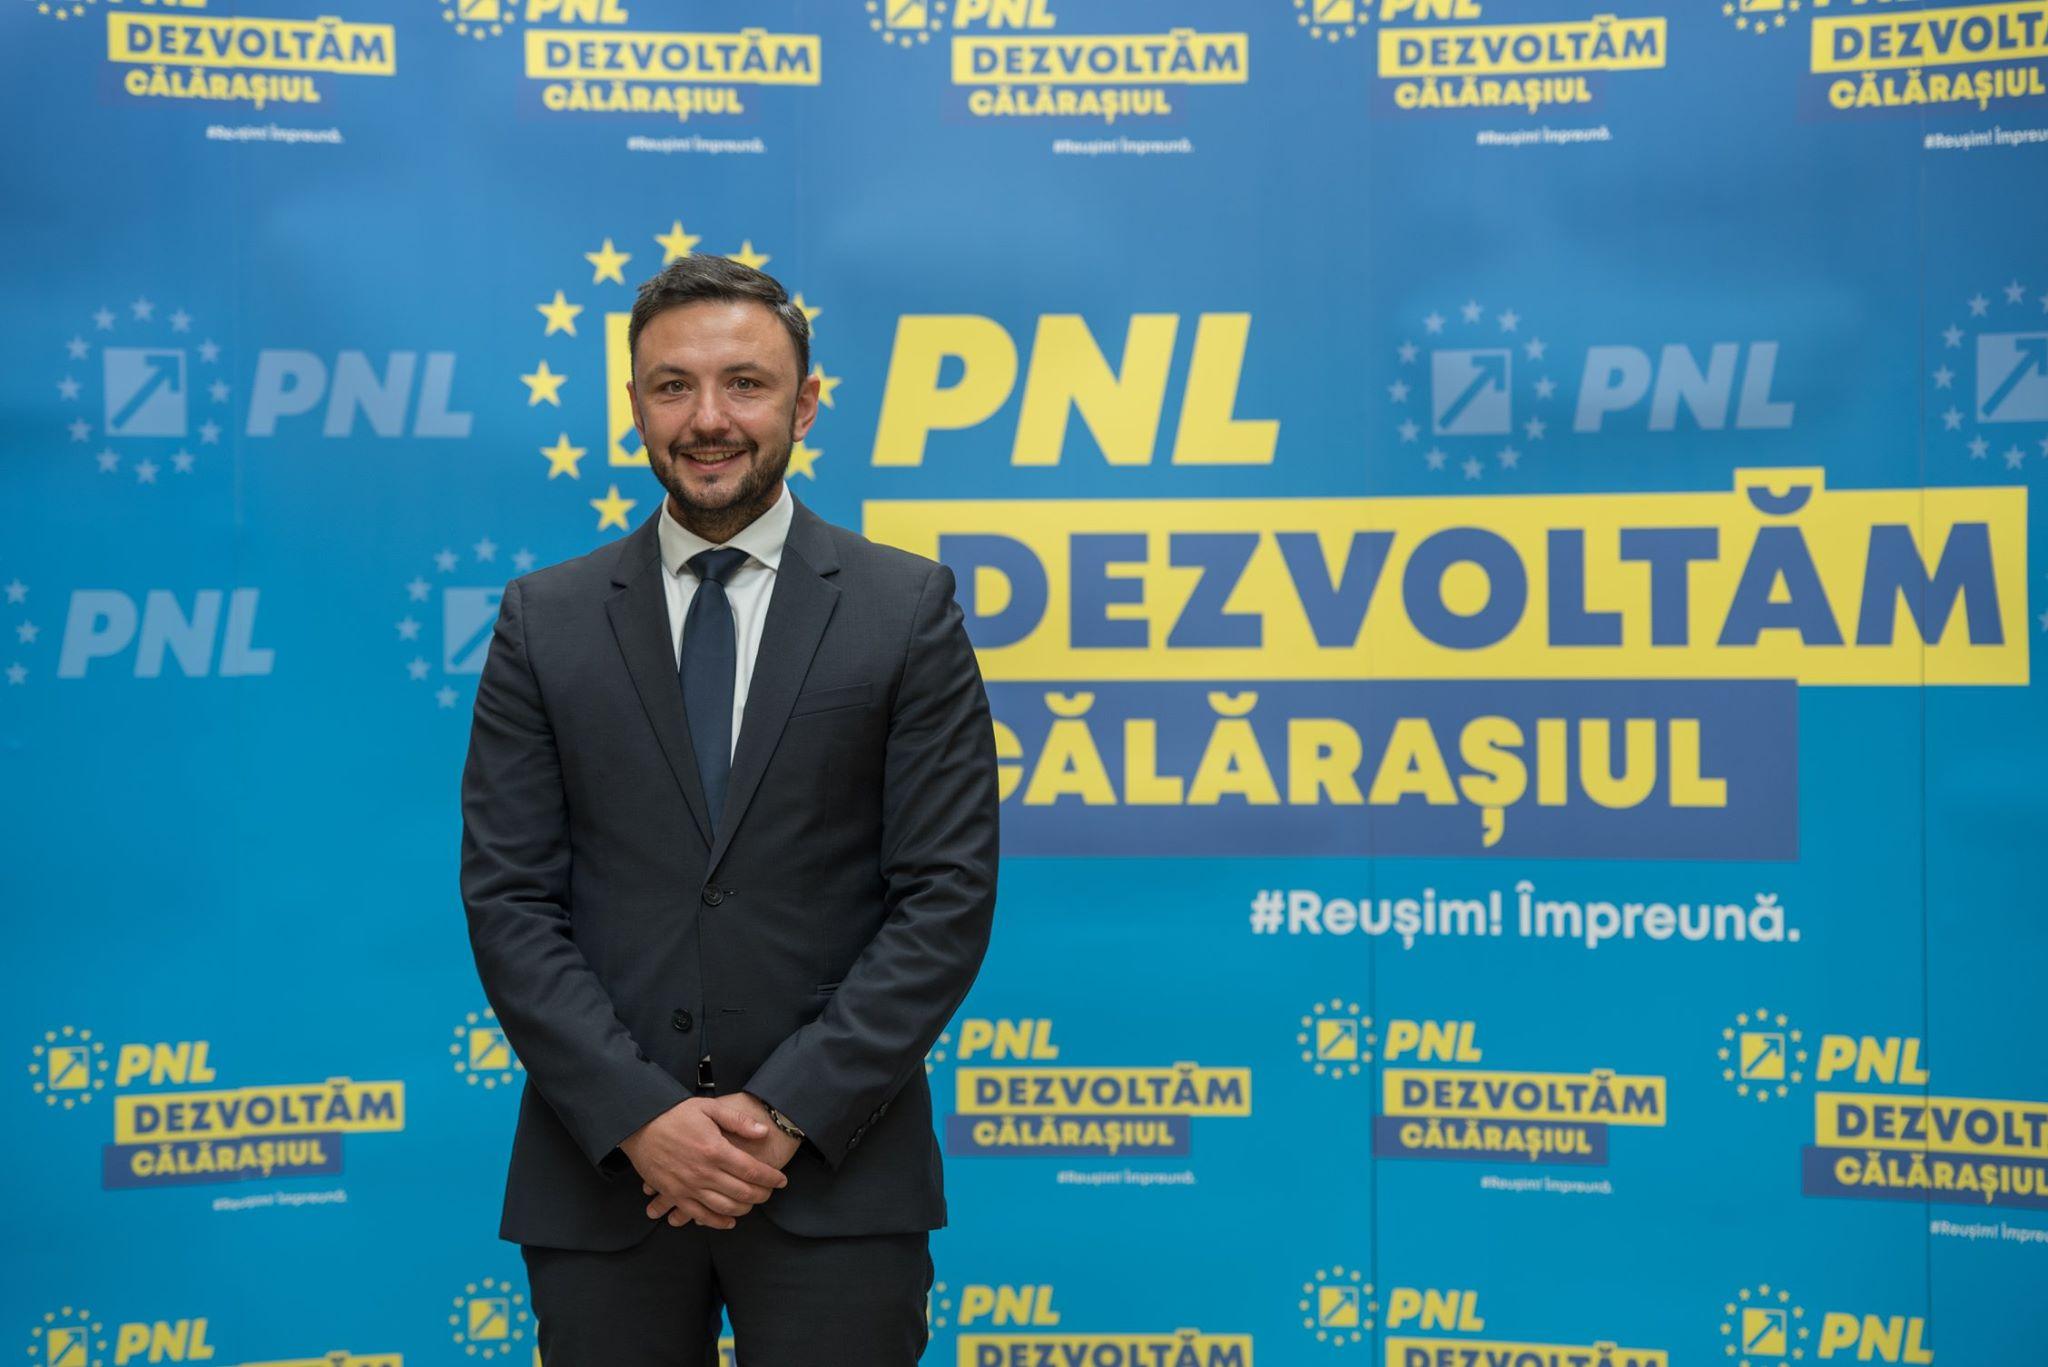 """Dragoș Coman: ,,Este pentru prima dată când o echipă formată din 10 tineri stă în fața dumneavoastră și a electoratului, pentru a demonstra că este momentul schimbărilor"""""""